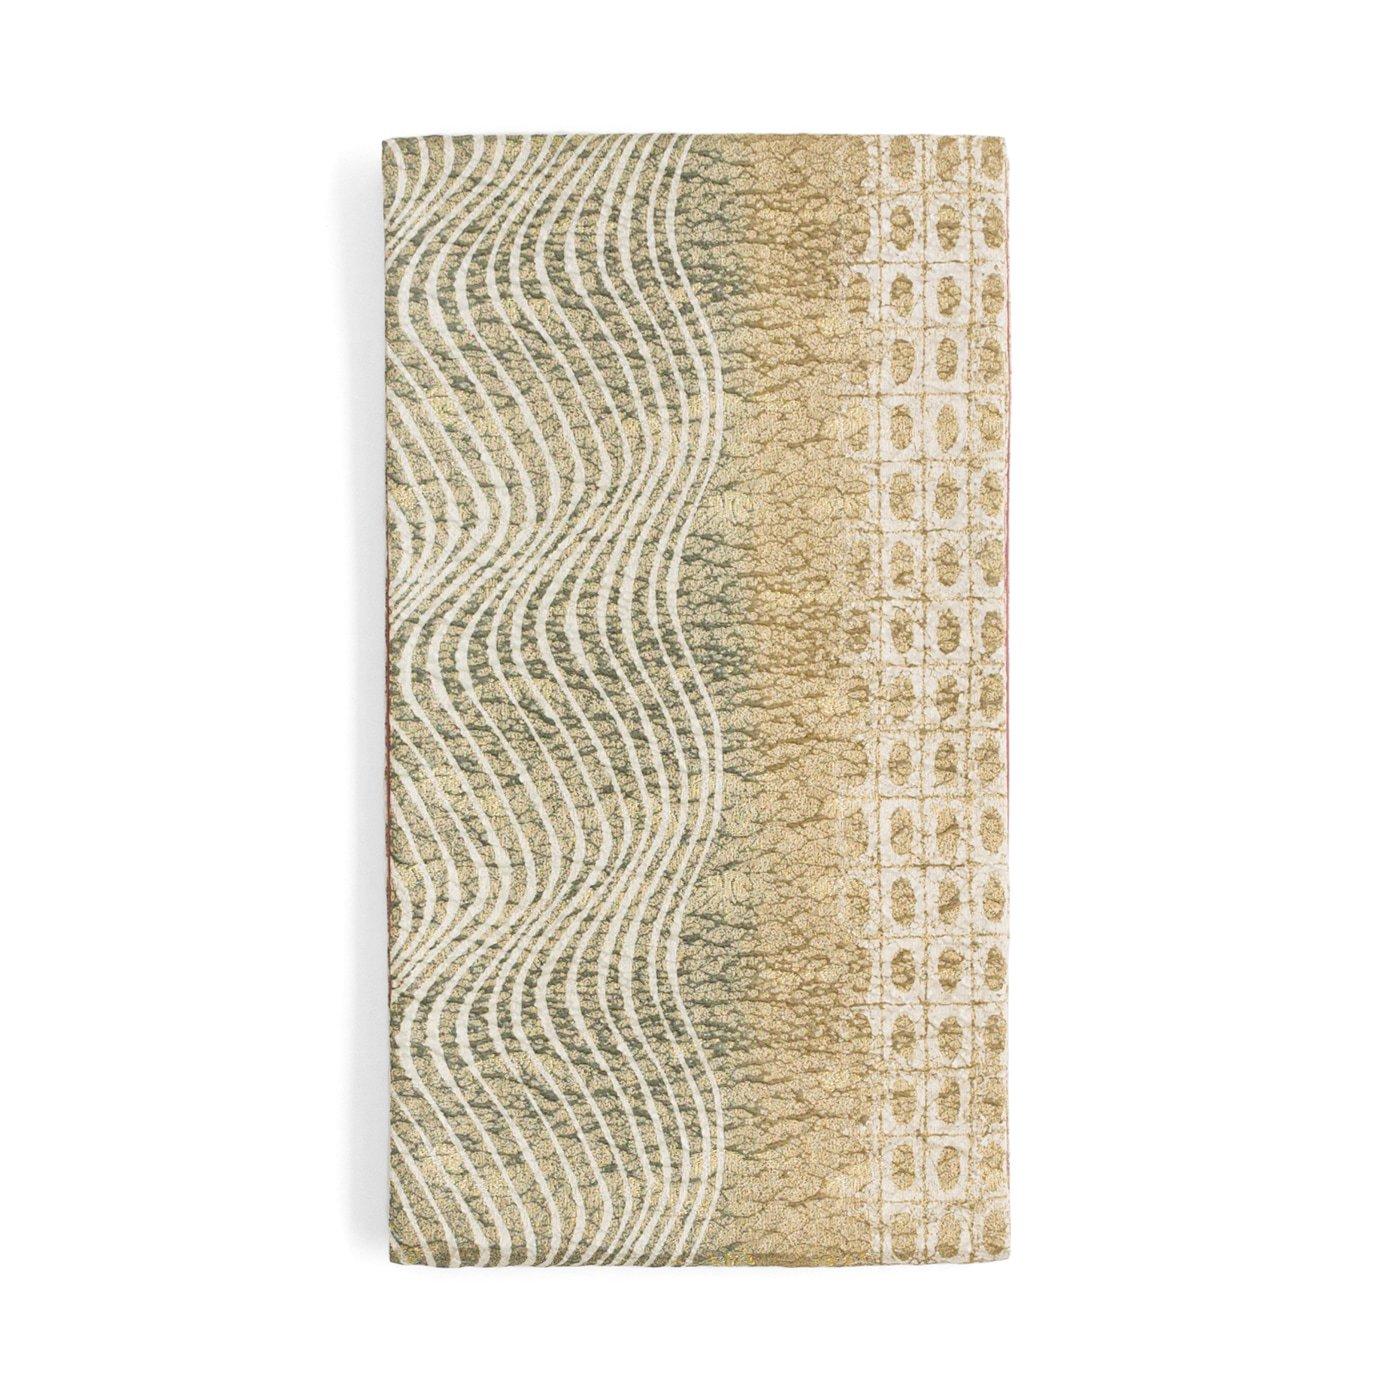 「袋帯●格子に丸とうねる縞」の商品画像